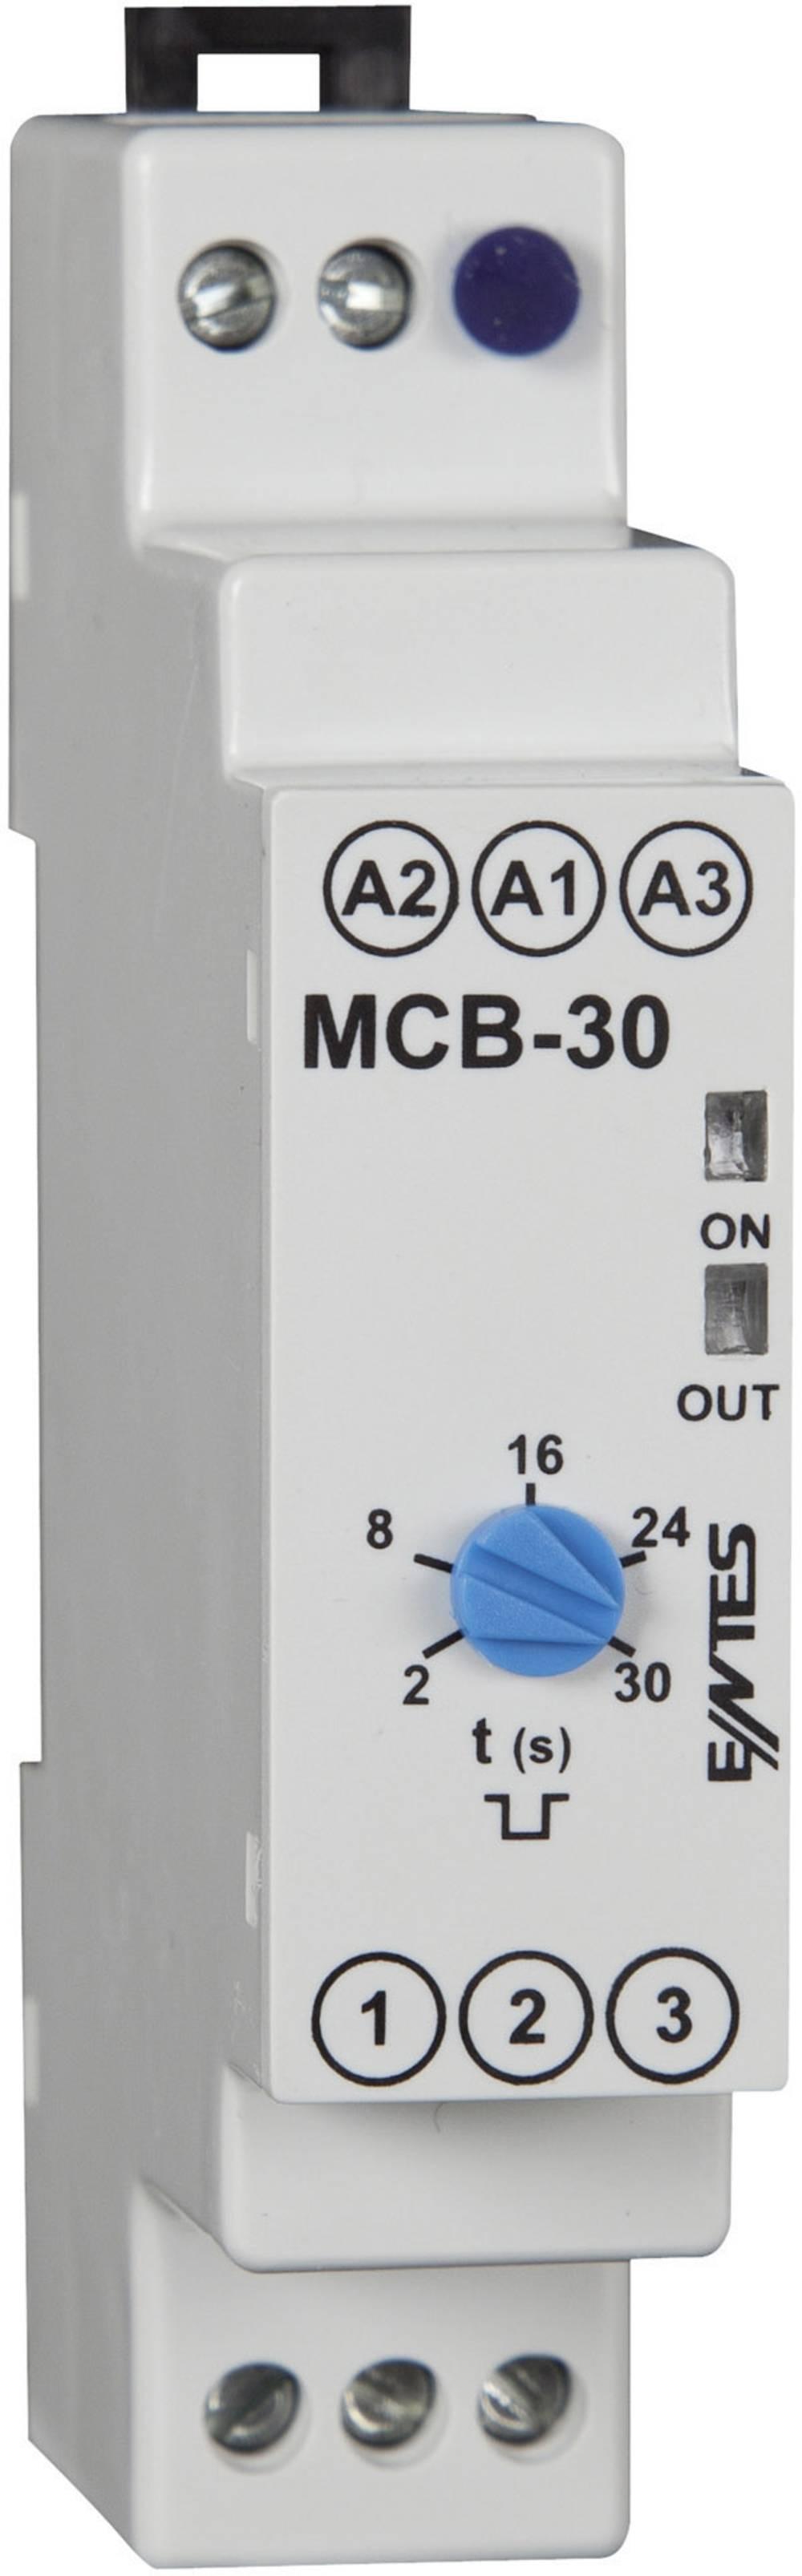 ENTES® MCB-30-Vremenski relej, 24V/AC/DC/230 V/AC, 1NC, 8A